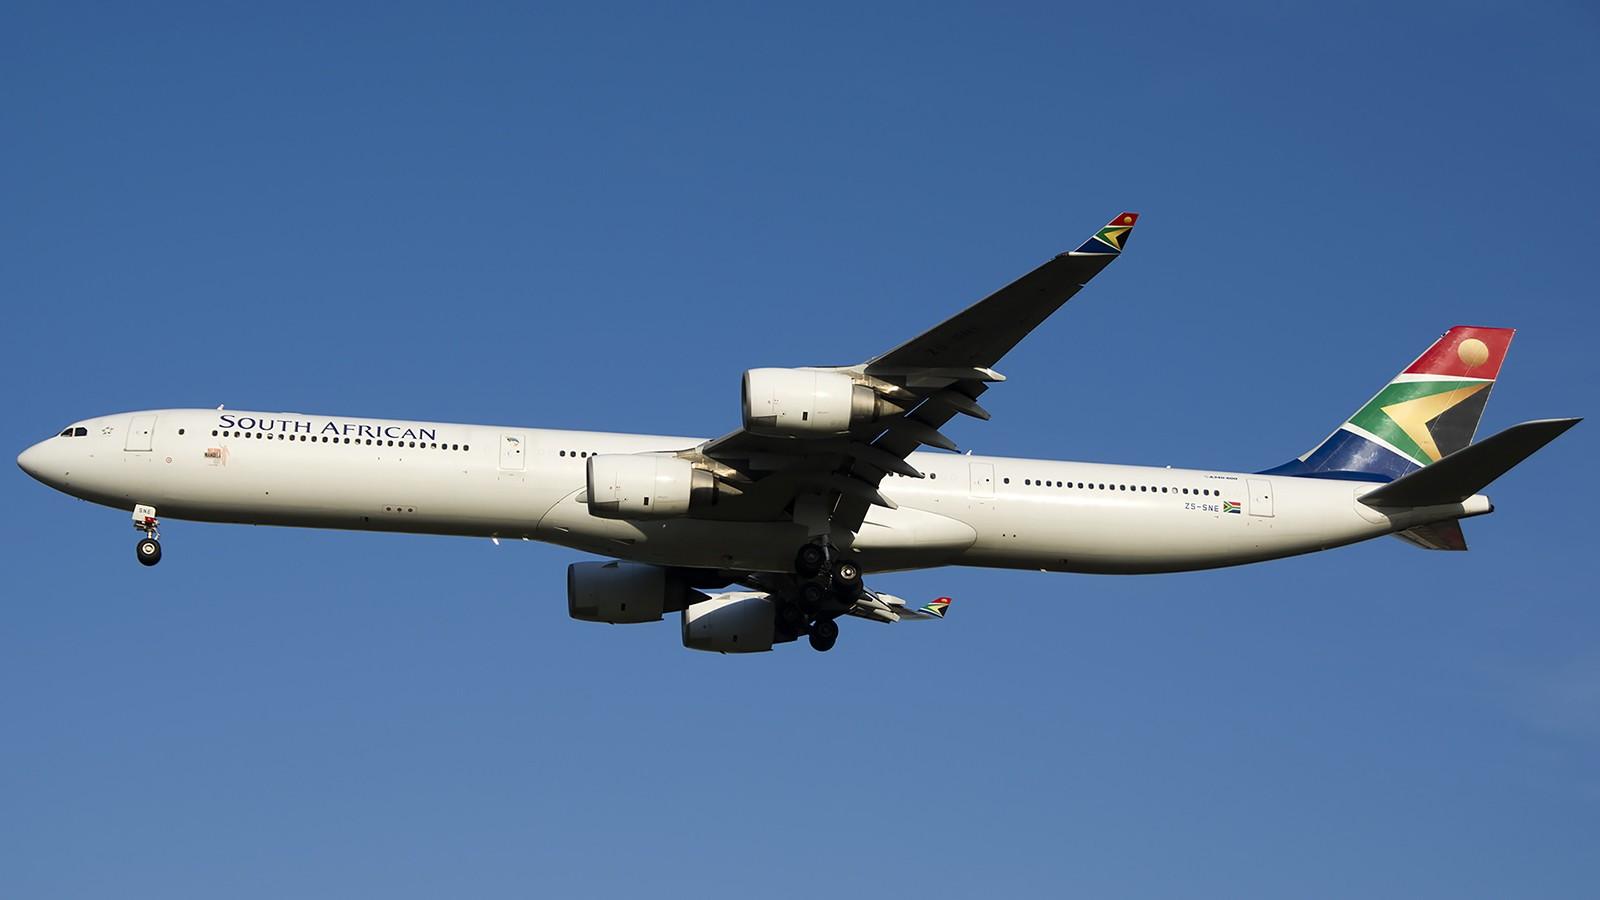 Re:[原创]难得赶上PEK周末好天气,各种常见机型都有收获 AIRBUS A340-600 ZS-SNE 中国北京首都机场